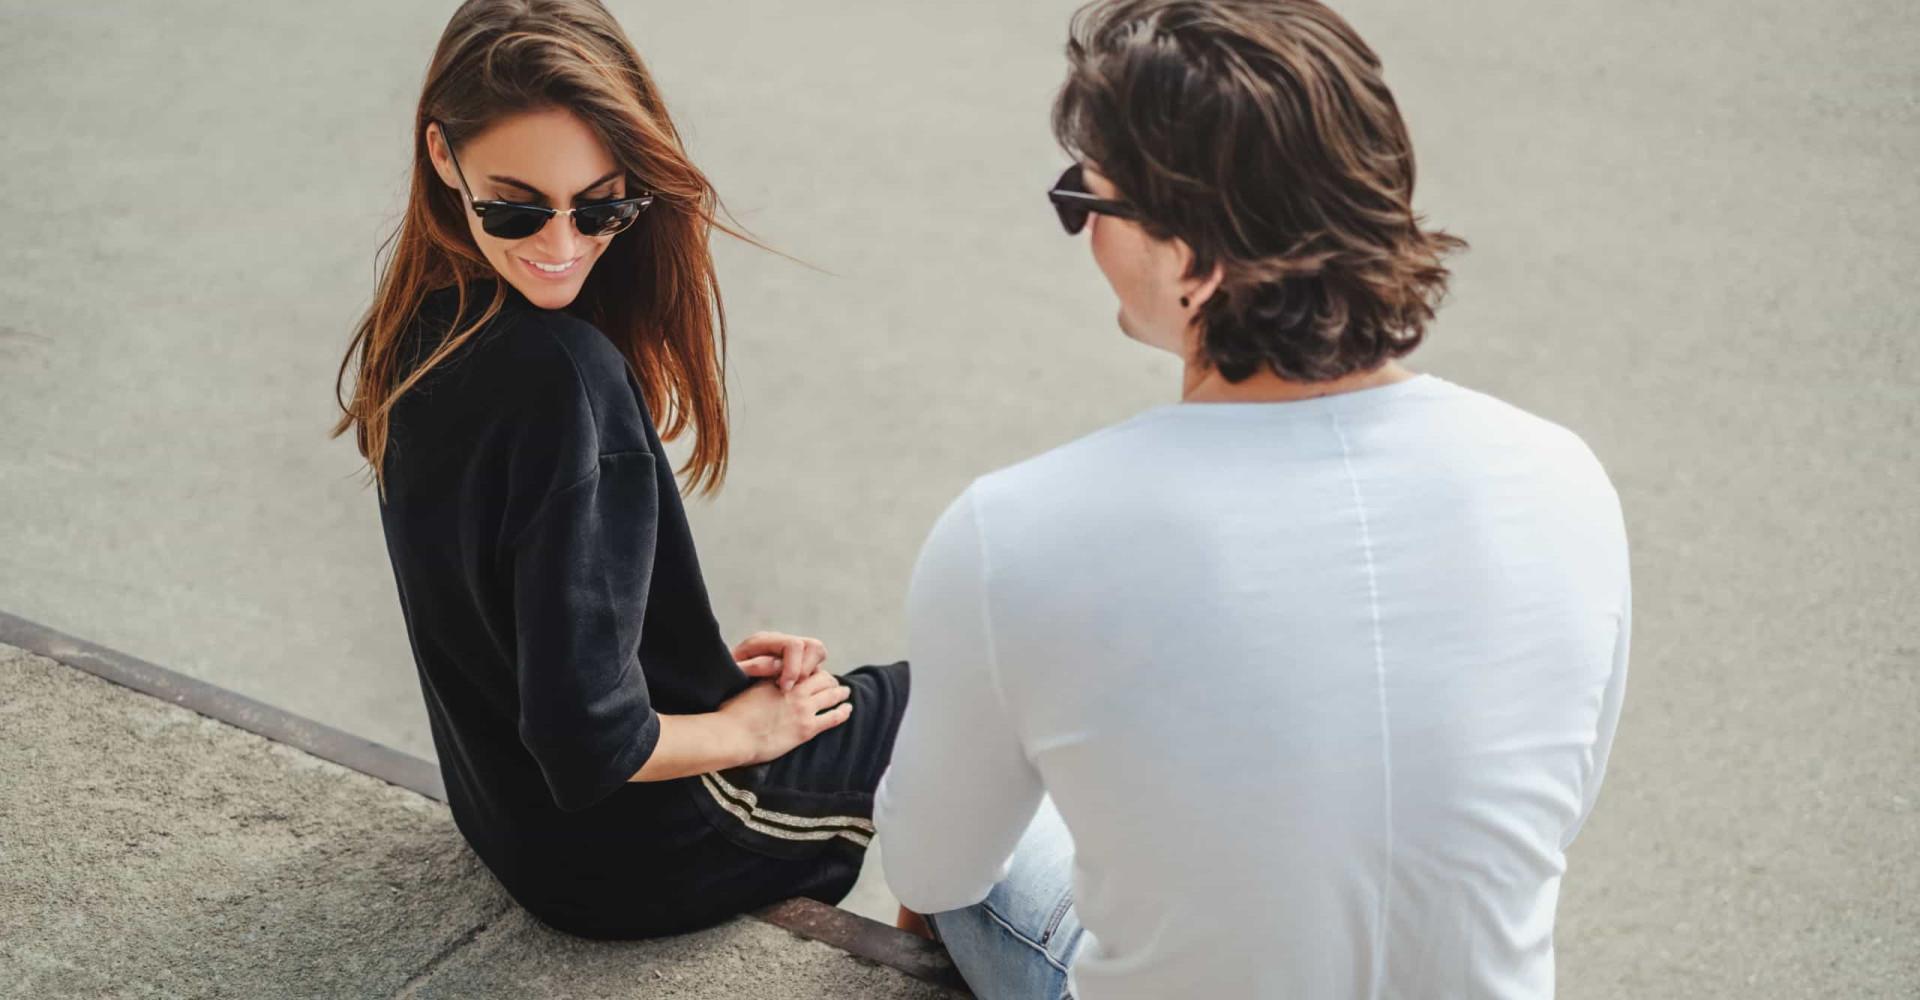 Zo herken je het verschil tussen flirten en vriendelijkheid